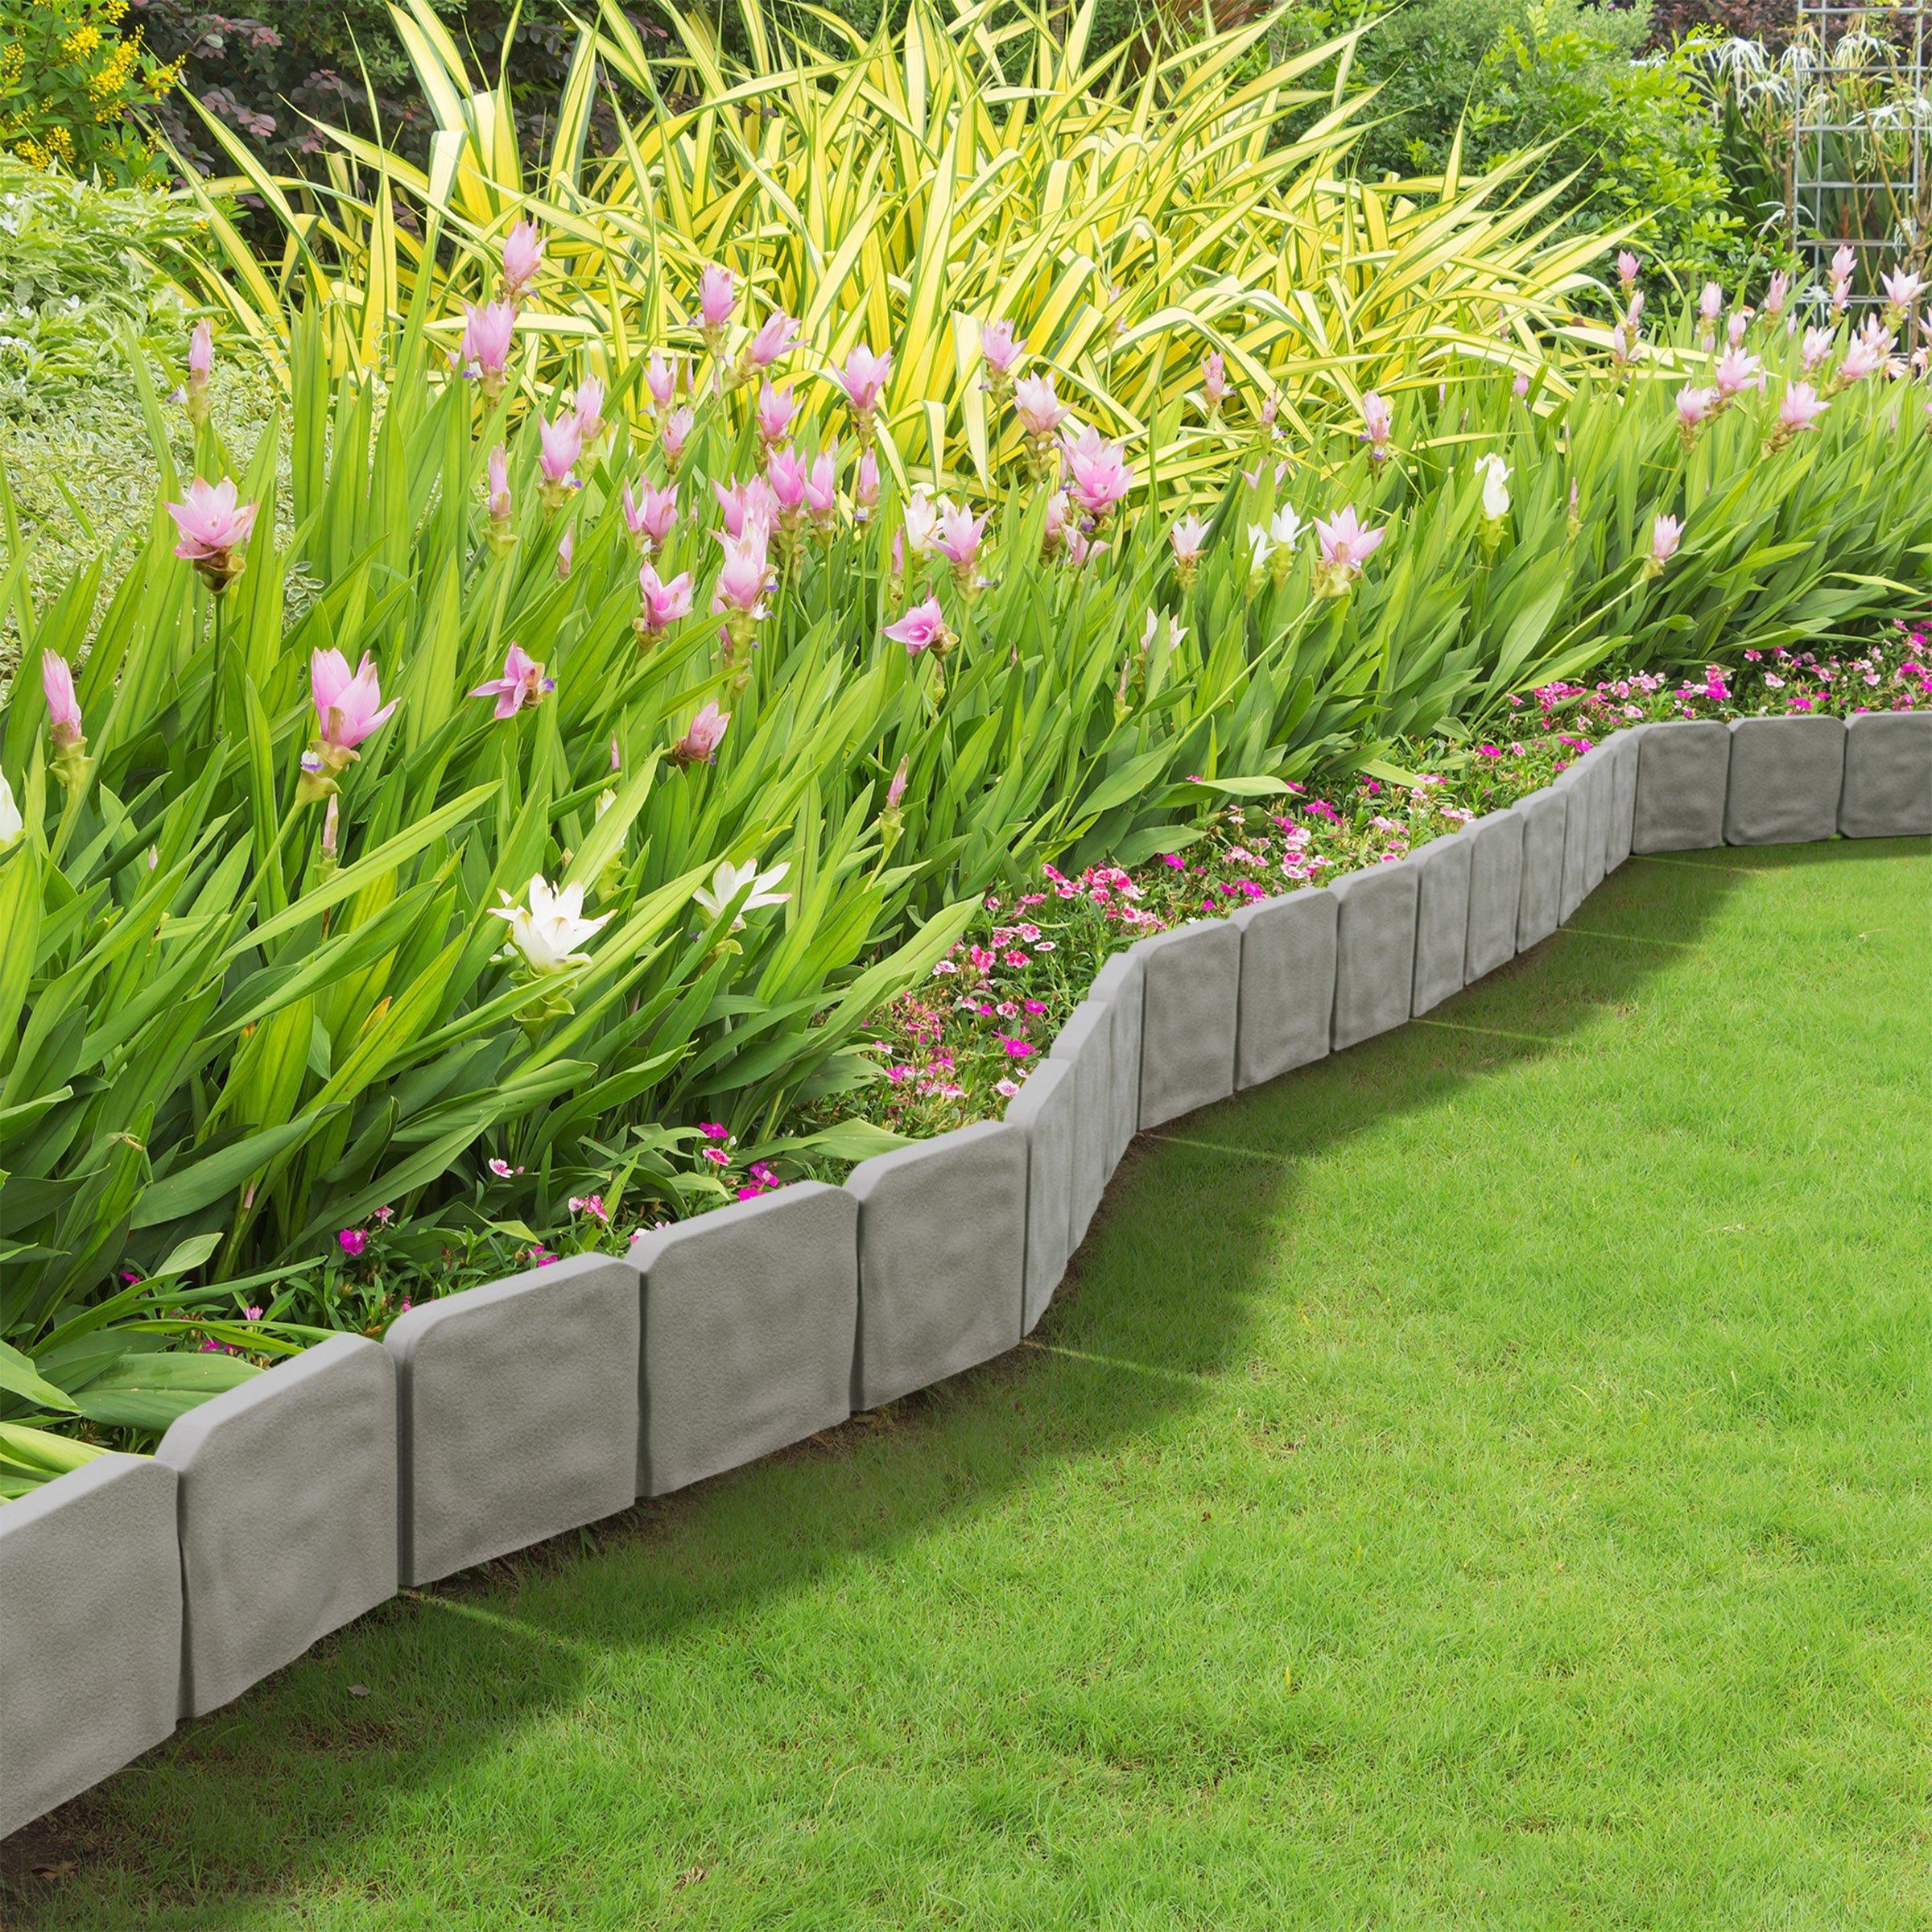 Garden Edging Border- Decorative Flower Bed Edging for ...